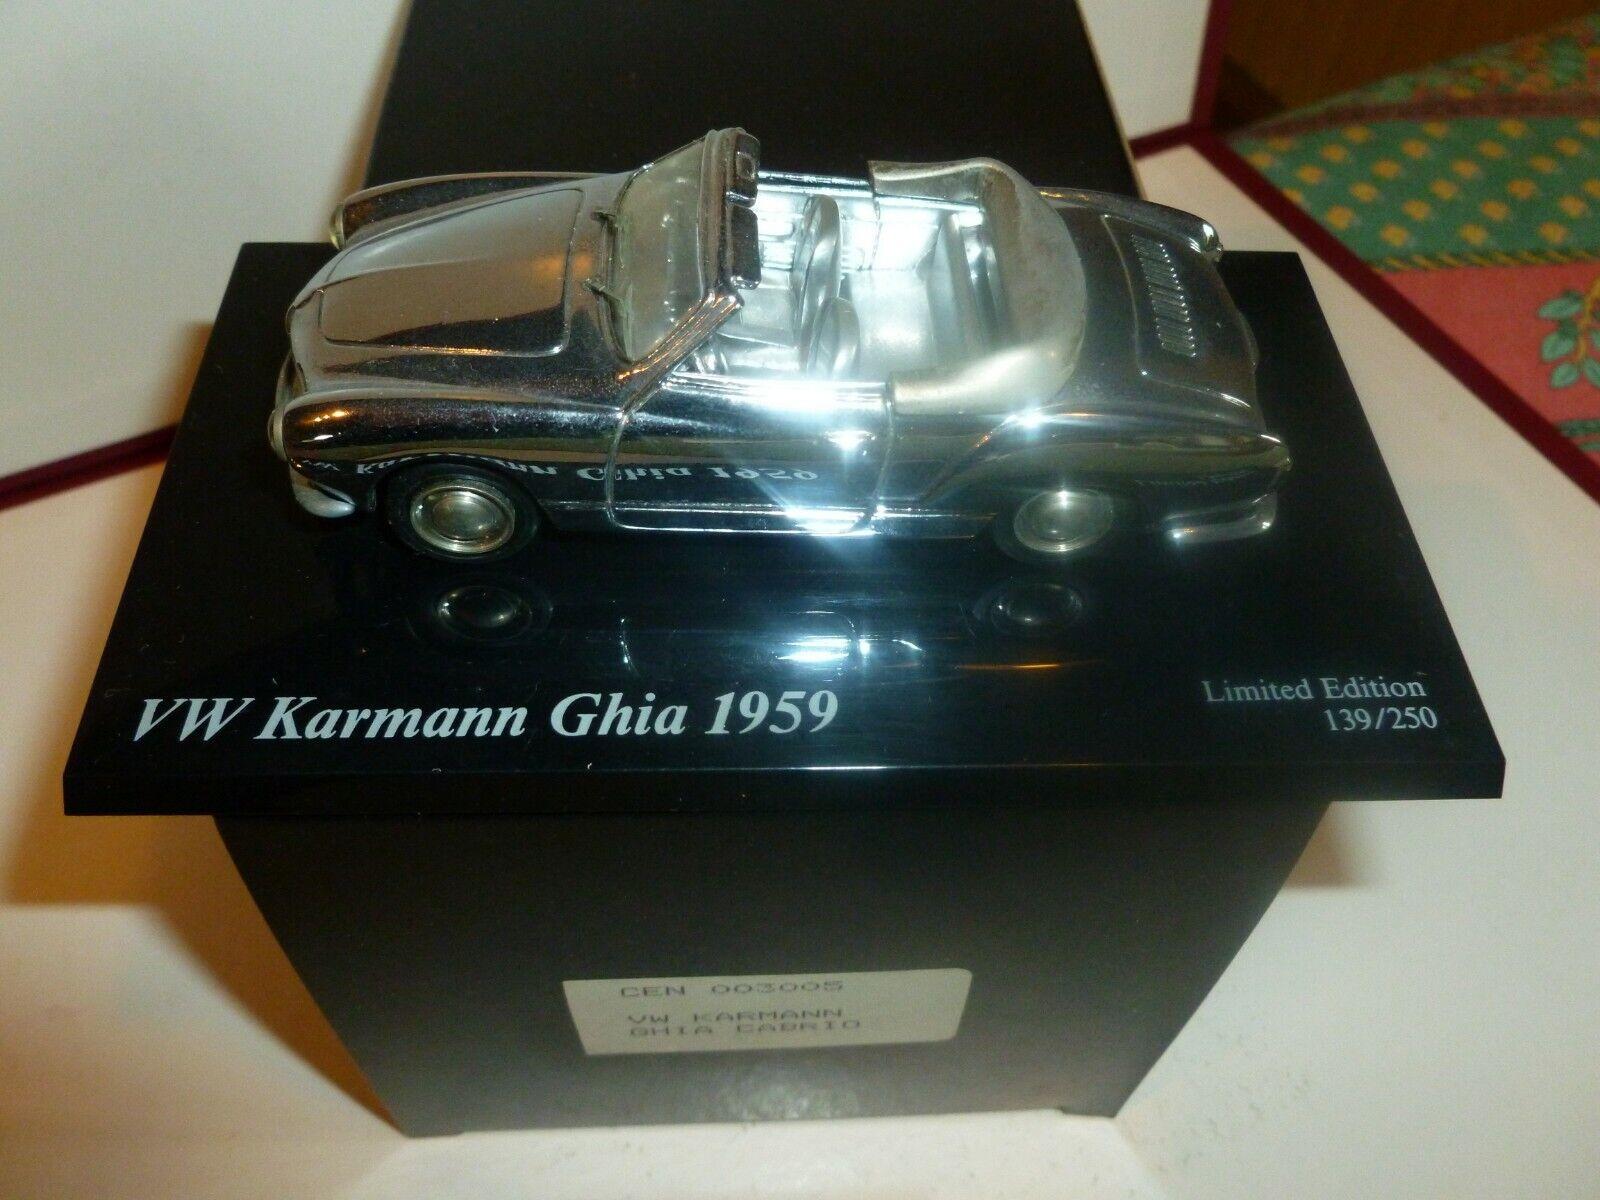 AMR CENTURY VW KARMANN GHIA 1959 DECAPOTE ED LIMITEE 139 250 ETAT NEUF CHROME